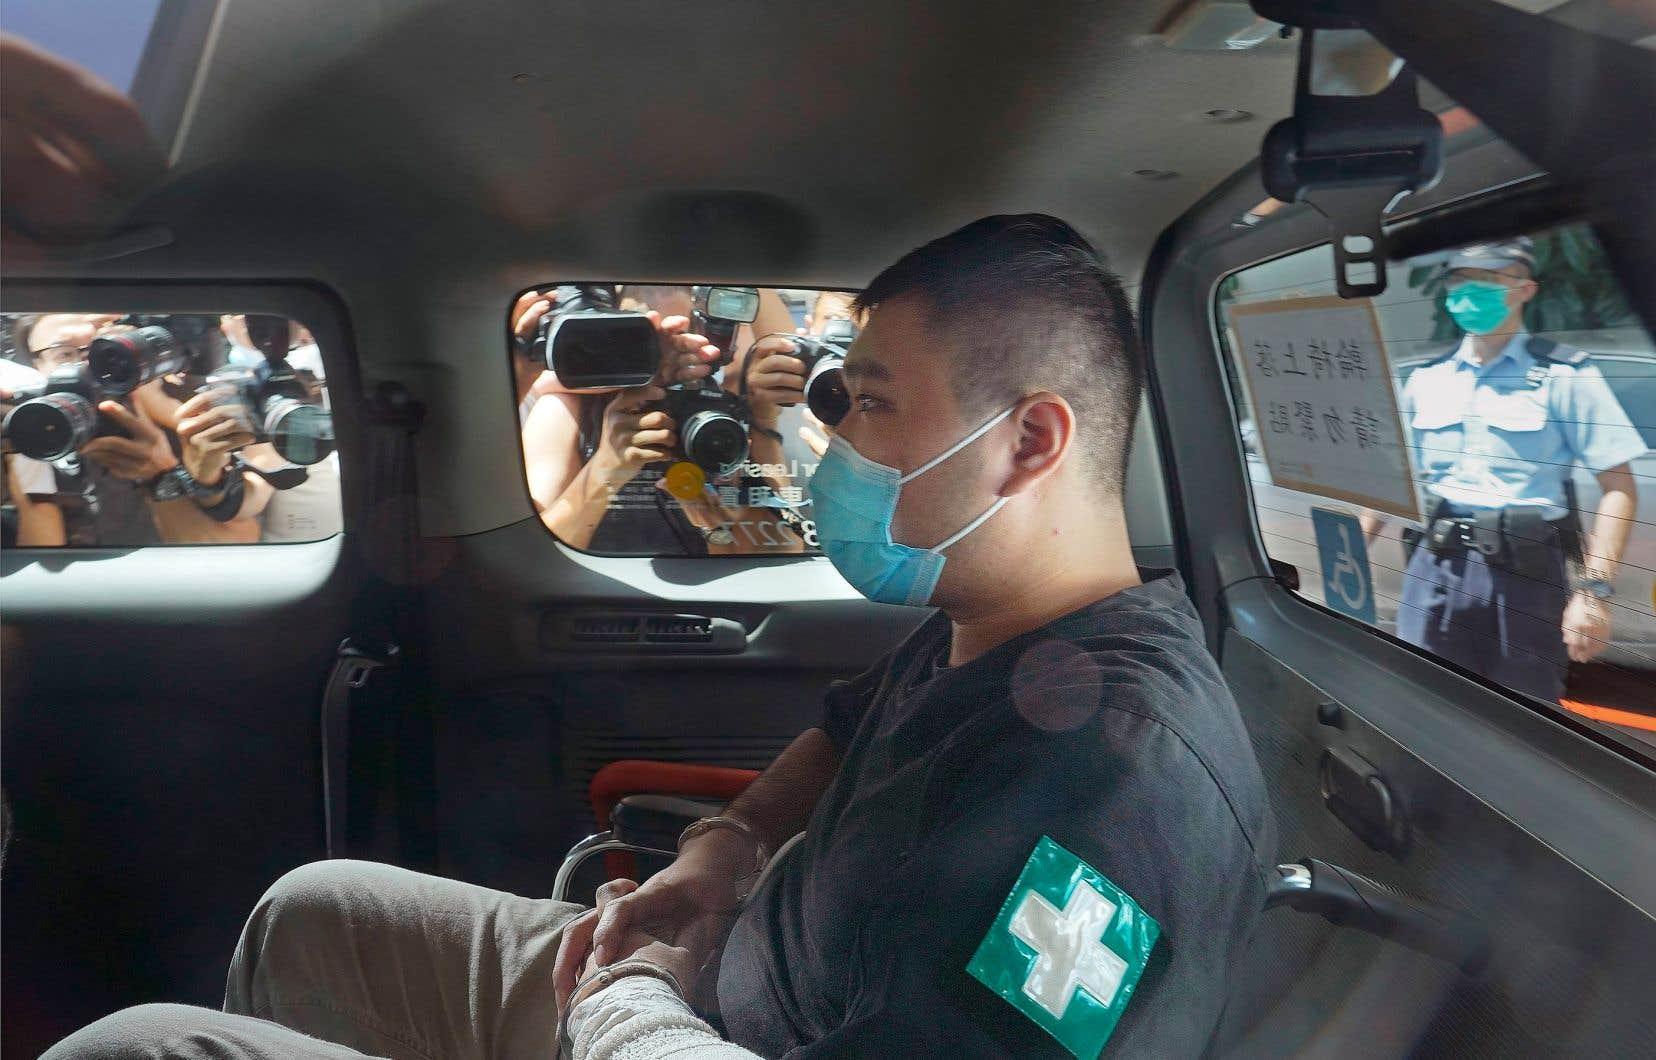 Tong Ying-kit, un serveur de 24 ans, a été reconnu coupable mardi de «terrorisme» pour avoir foncé à moto sur trois policiers, mais aussi d'«incitation à la sécession» pour avoir brandi un drapeau comportant un slogan prodémocratie lors d'une manifestation à Hong Kong. On le voit ici en juillet 2020.